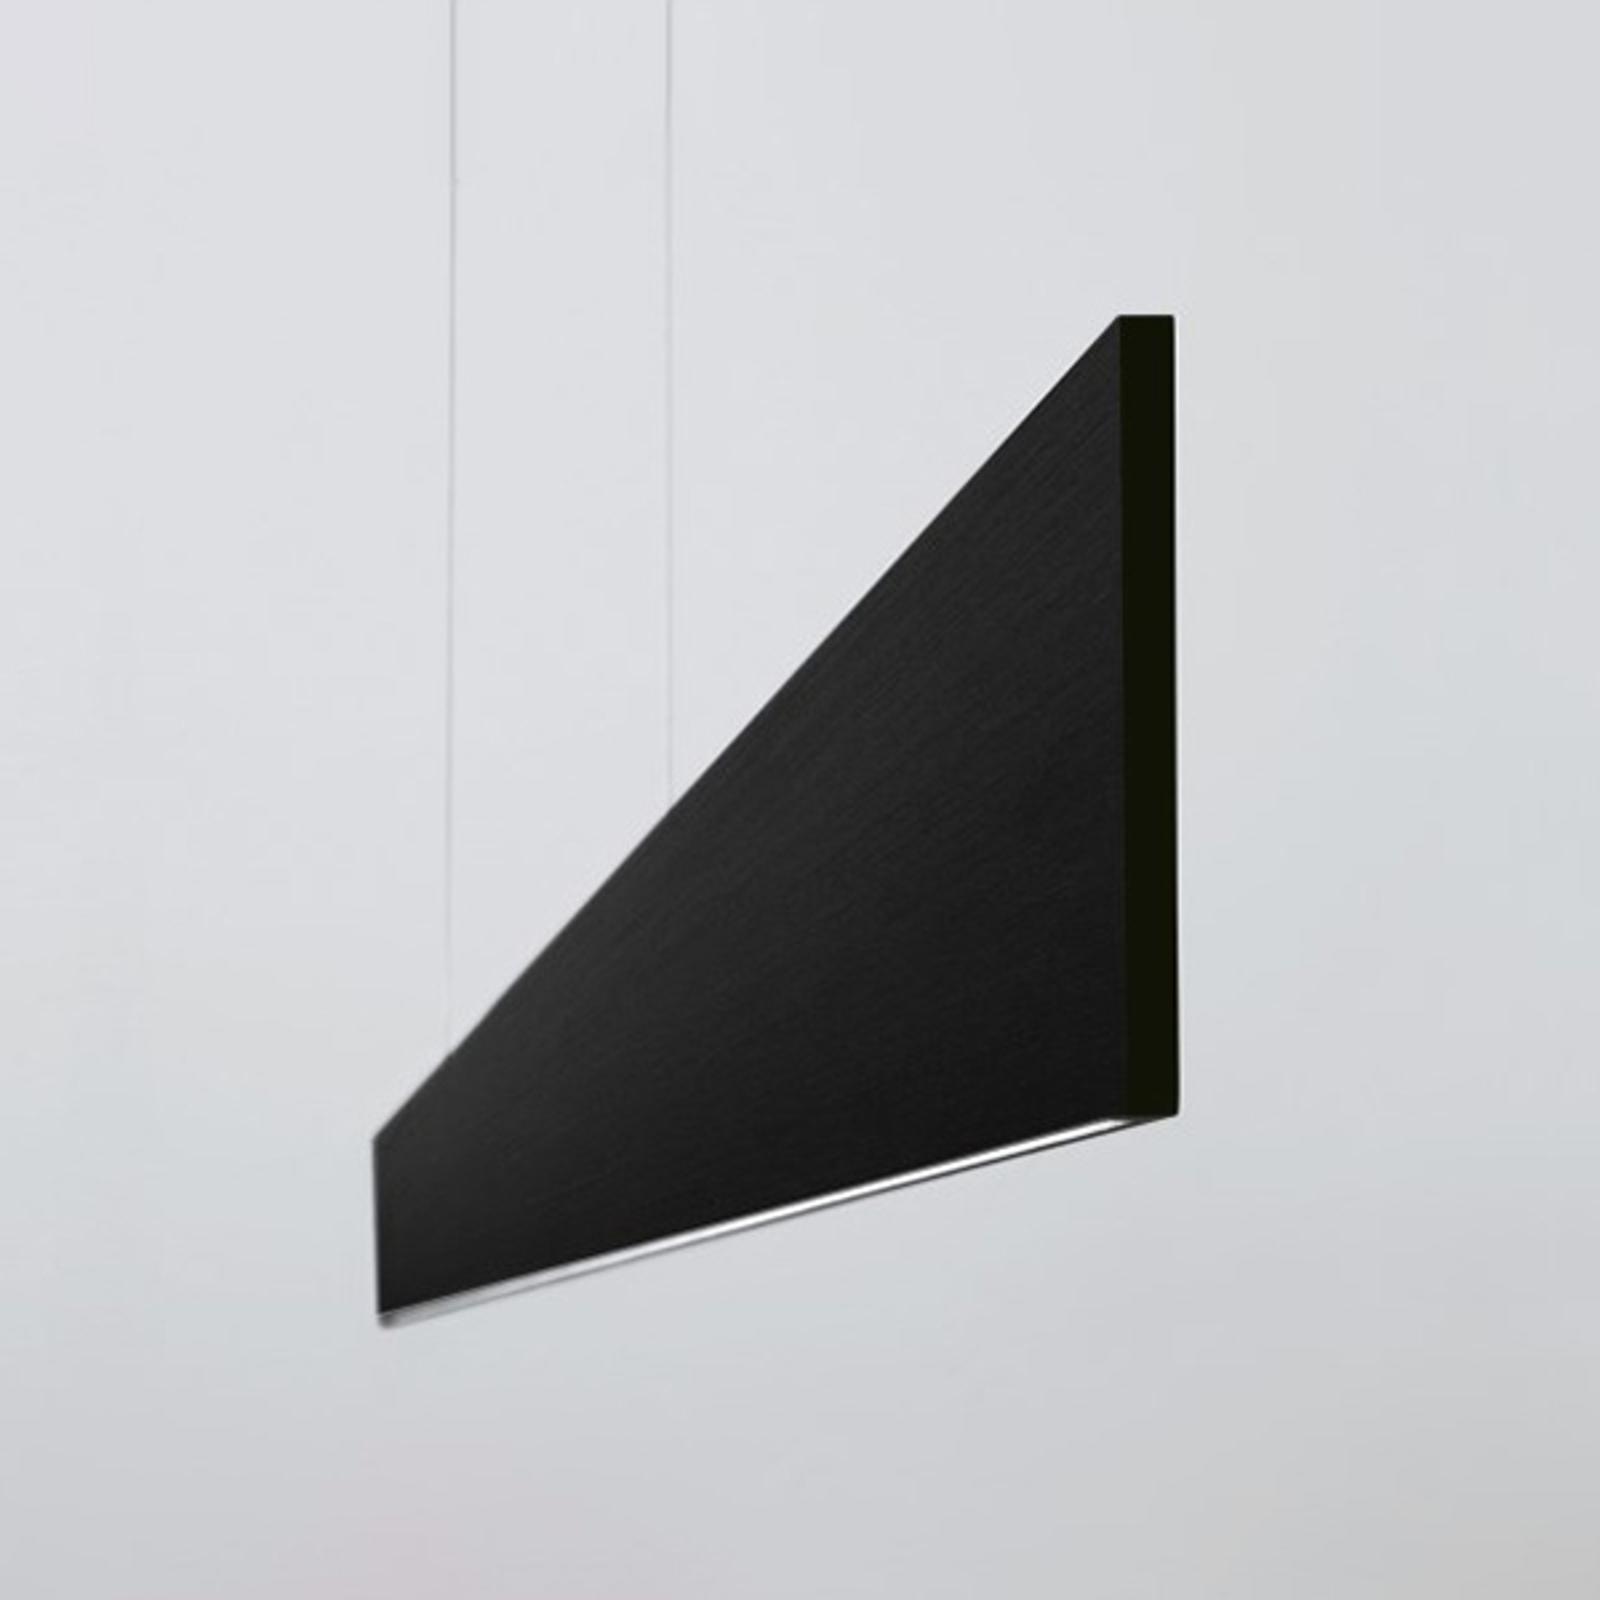 LED hanglamp After 8 122cm 1-10V 3000K zwart